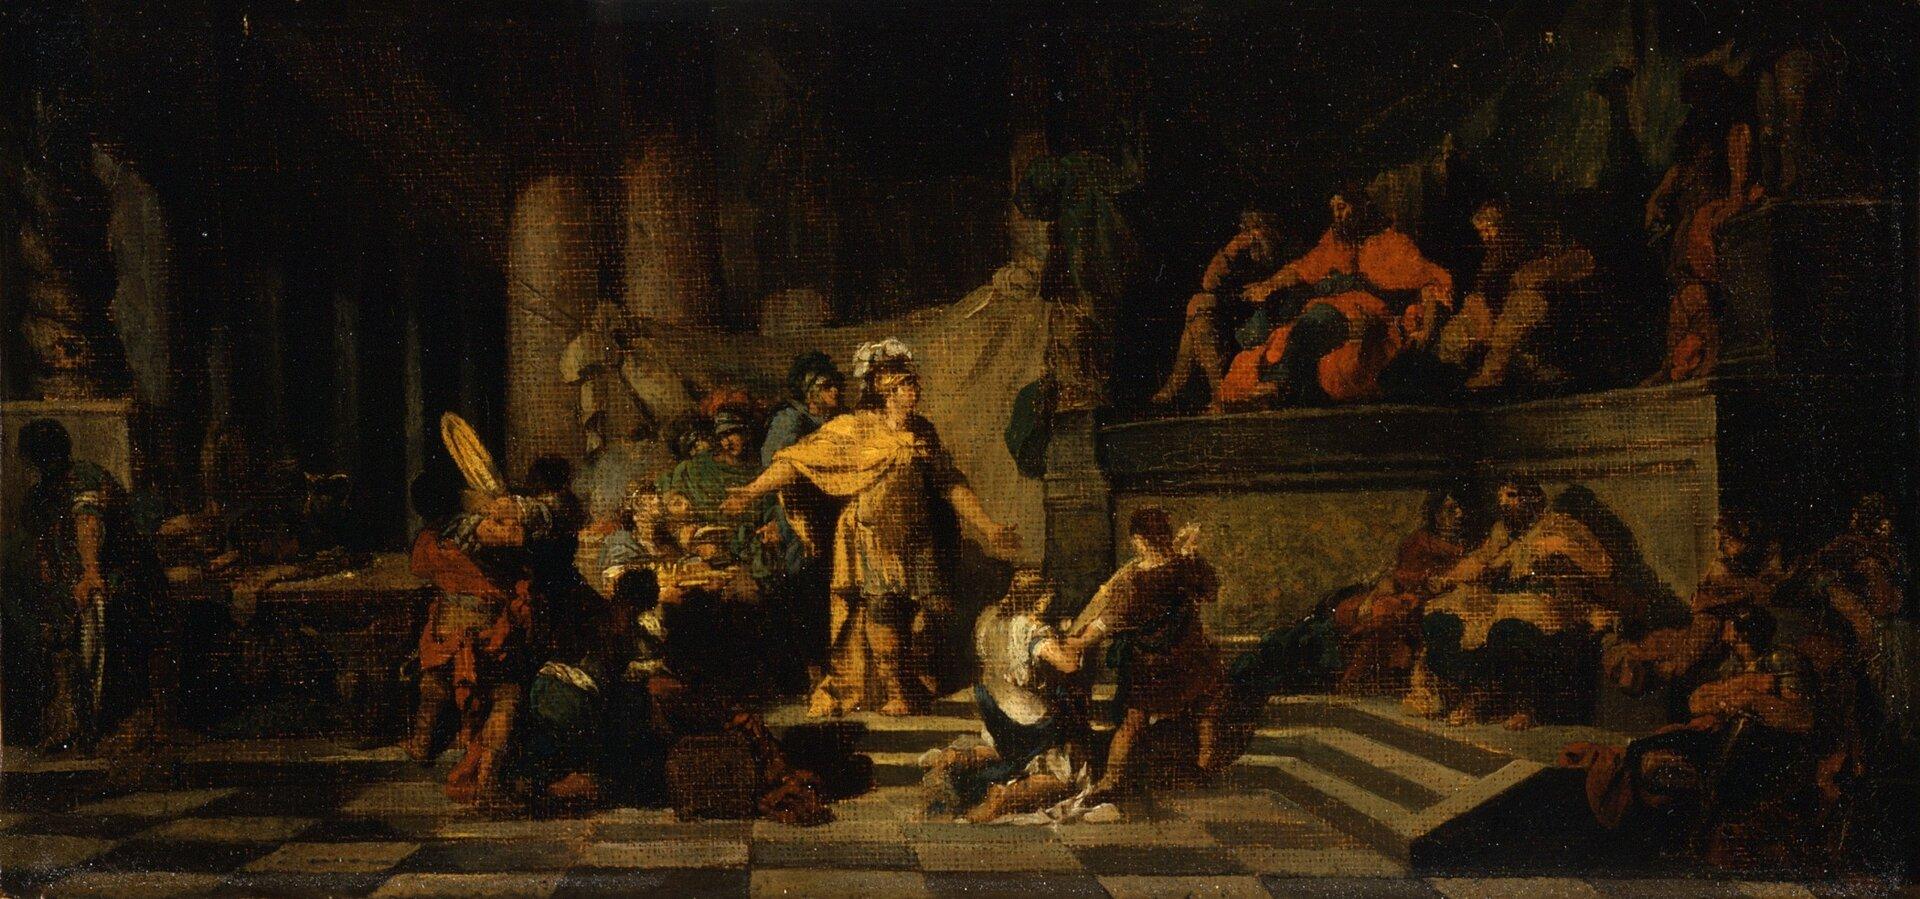 """Obraz autorstwa Jean-Baptiste Regnaulta pod tytułem """" Eneasz ofiarowuje królowi Latynusowi prezenty iprosi go orękę swojej córki"""" przedstawia scenę, na której znajduje się duża grupa osób. Na pierwszym planie wcentrum widoczny jest mężczyzna ubrany wdługą złotą szatę oraz złoty hełm. Eneasz wskazuje jedną dłonią na ludzi, którzy niosą dary dla króla. Zprawej strony Eneasza znajdują się ludzie, którzy oddają hołd królowi. Latynus wraz ze swoją świtą siedzi na podwyższeniu. Ubrany jest wczarno-czerwone szaty, jedną dłoń ma wyciągniętą wstronę Eneasza. Obraz został utrzymany wciemnej tonacji, istworzony został głównie za pomocą ciemnych barw."""